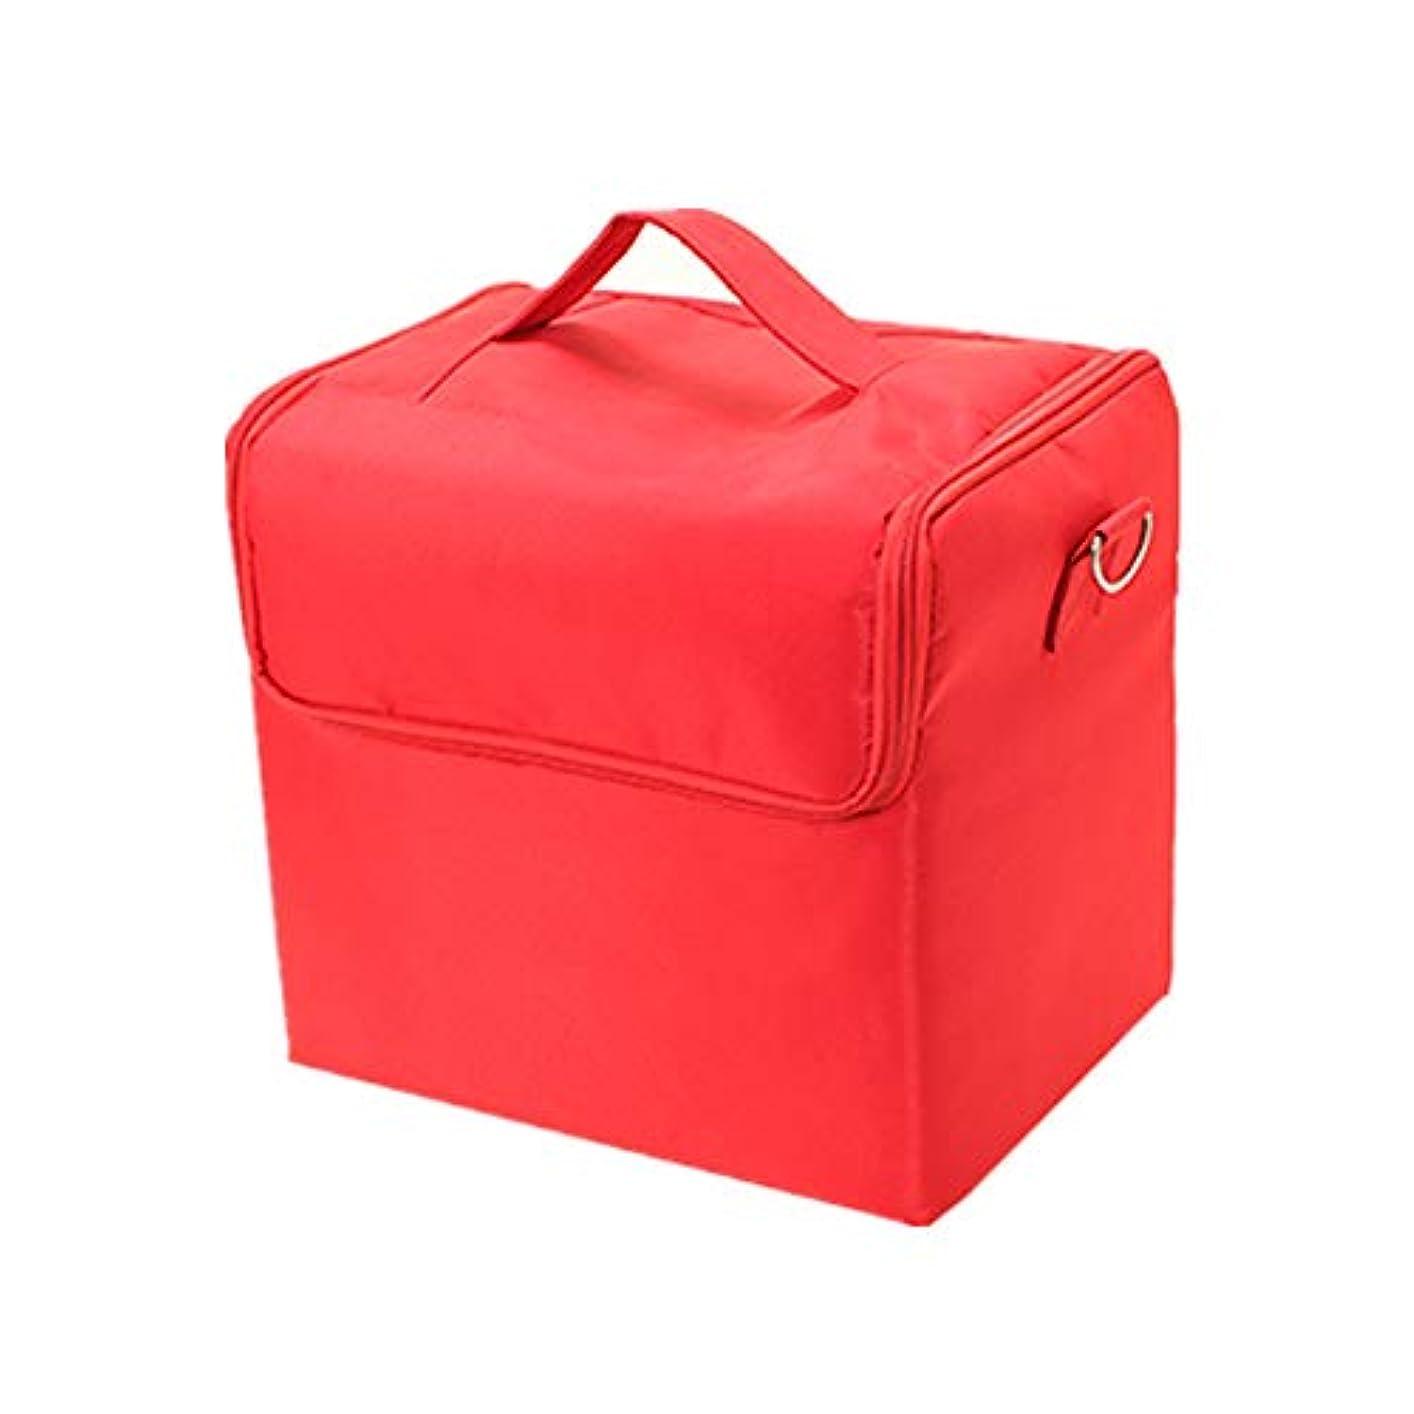 アスレチック頻繁に参照する化粧オーガナイザーバッグ 純粋な色のカジュアルポータ??ブル化粧品バッグ美容メイクアップとトラベルで旅行 化粧品ケース